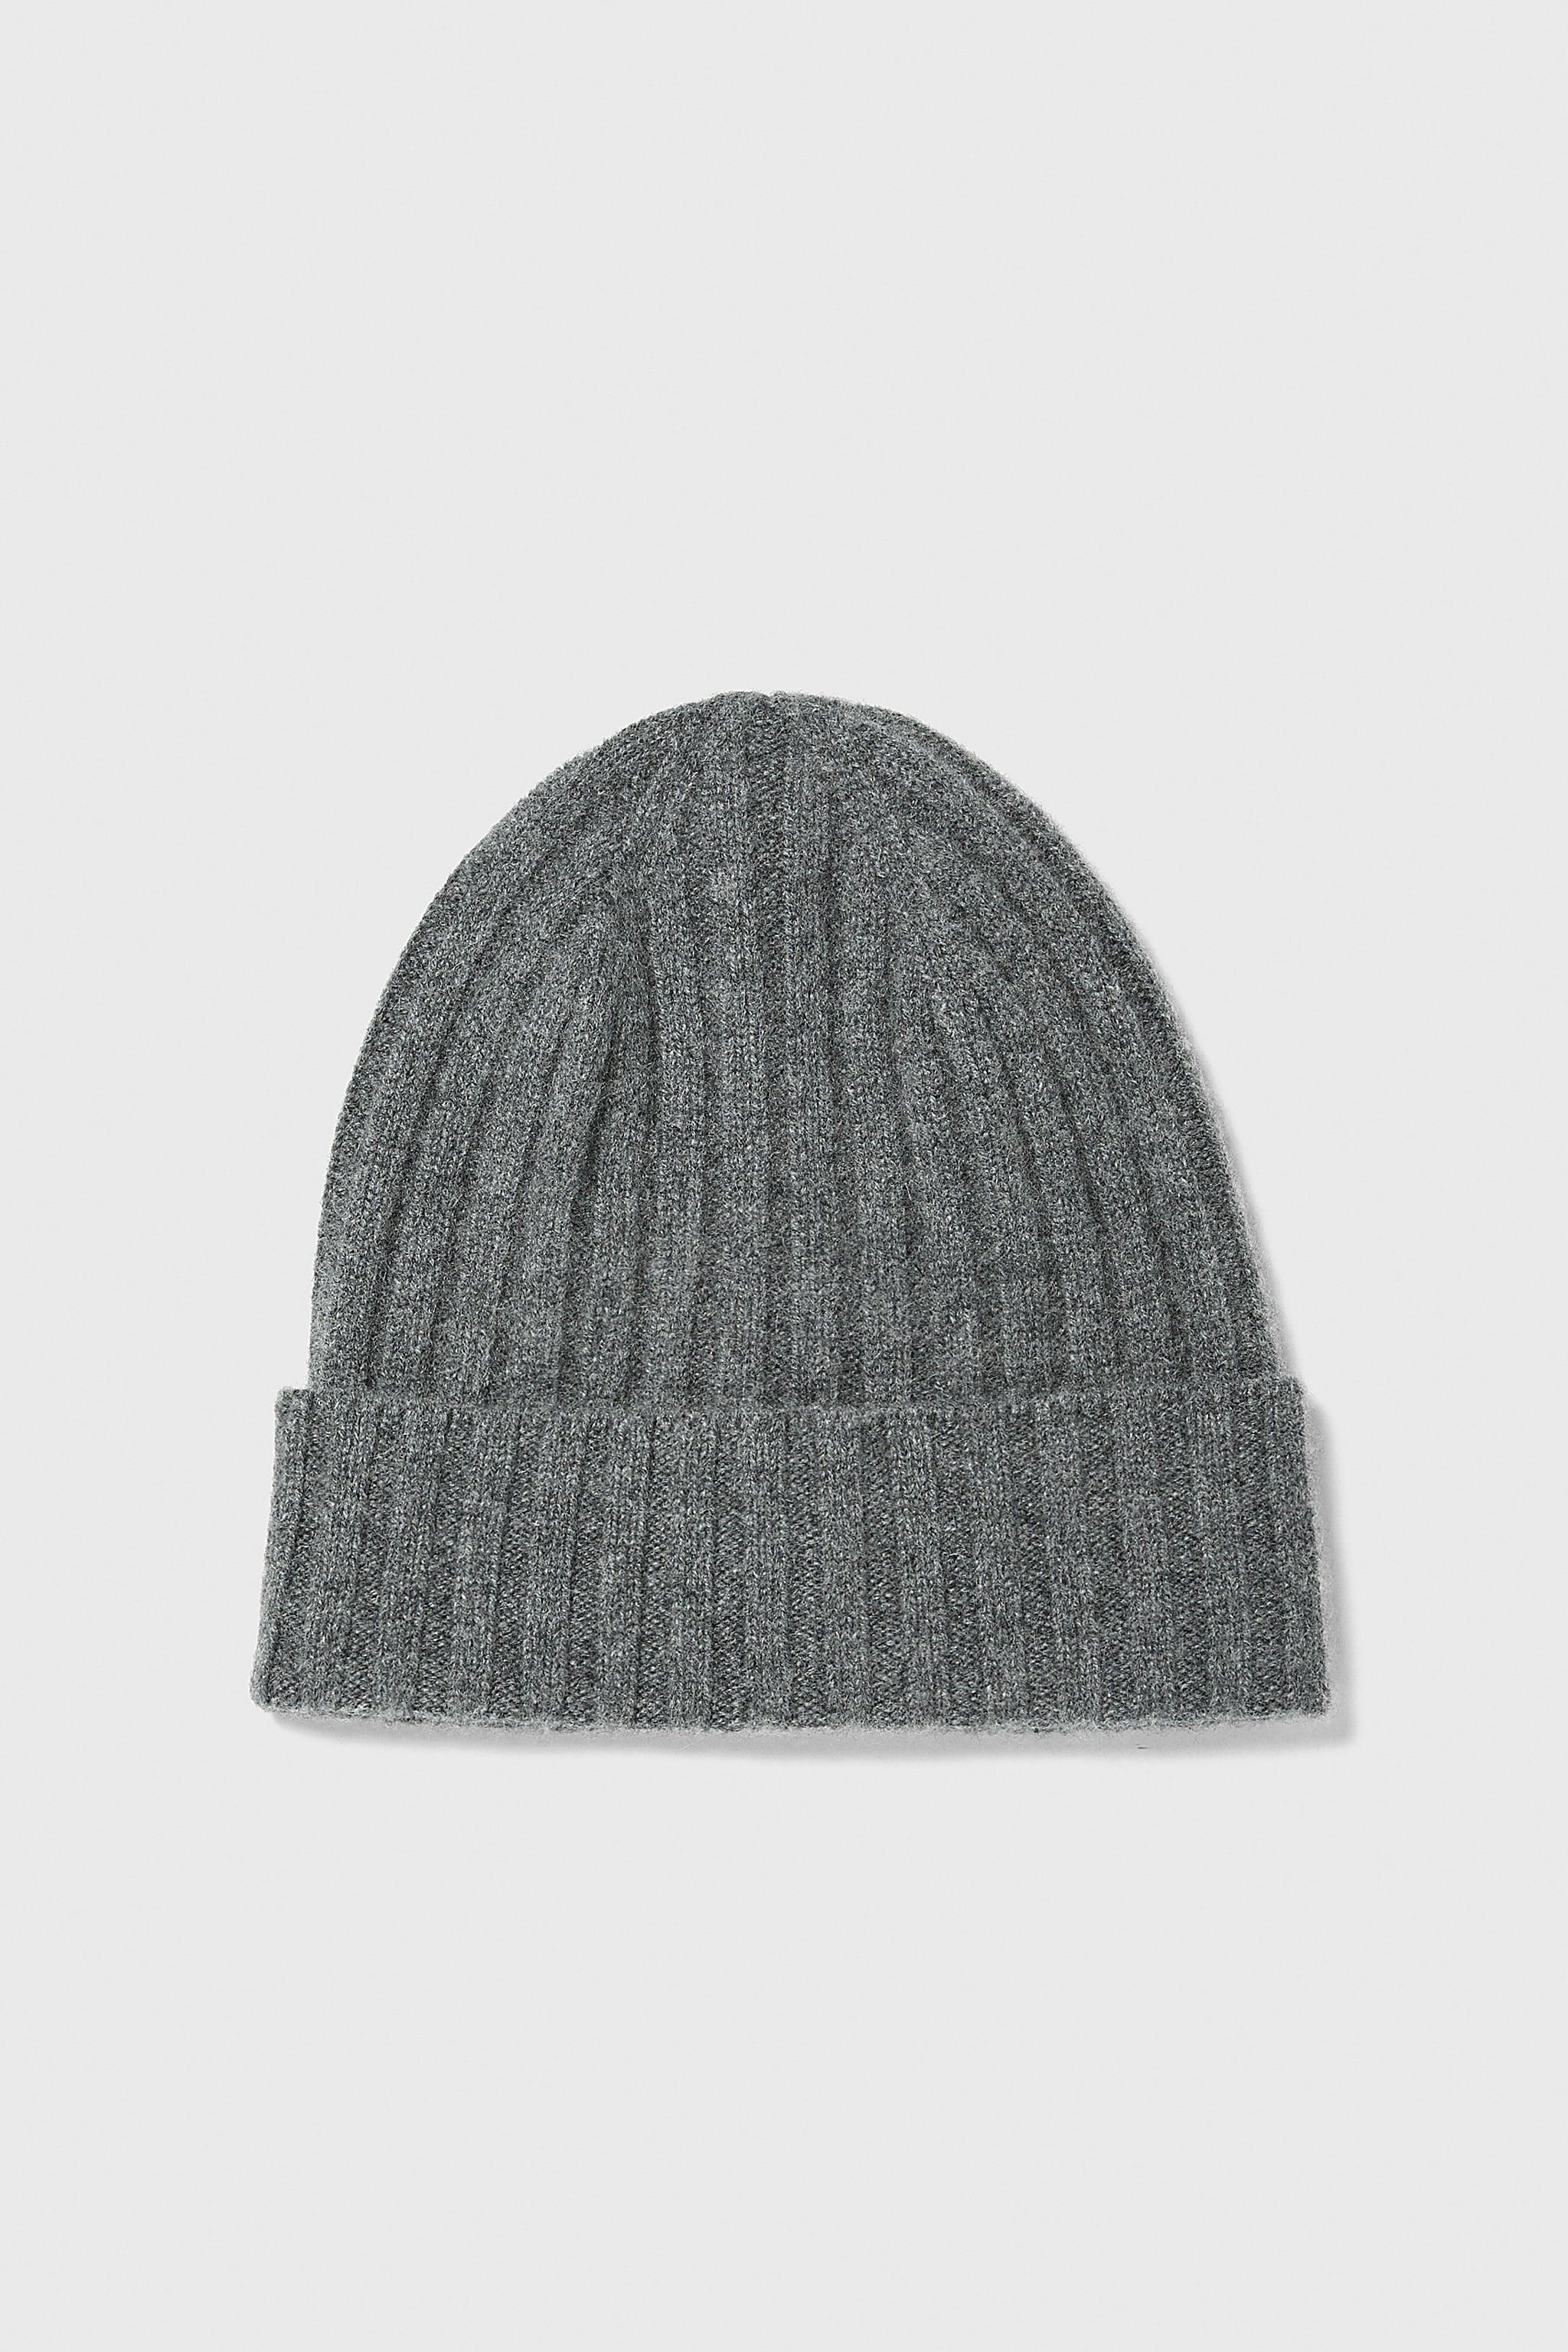 Zara CASHMERE HAT